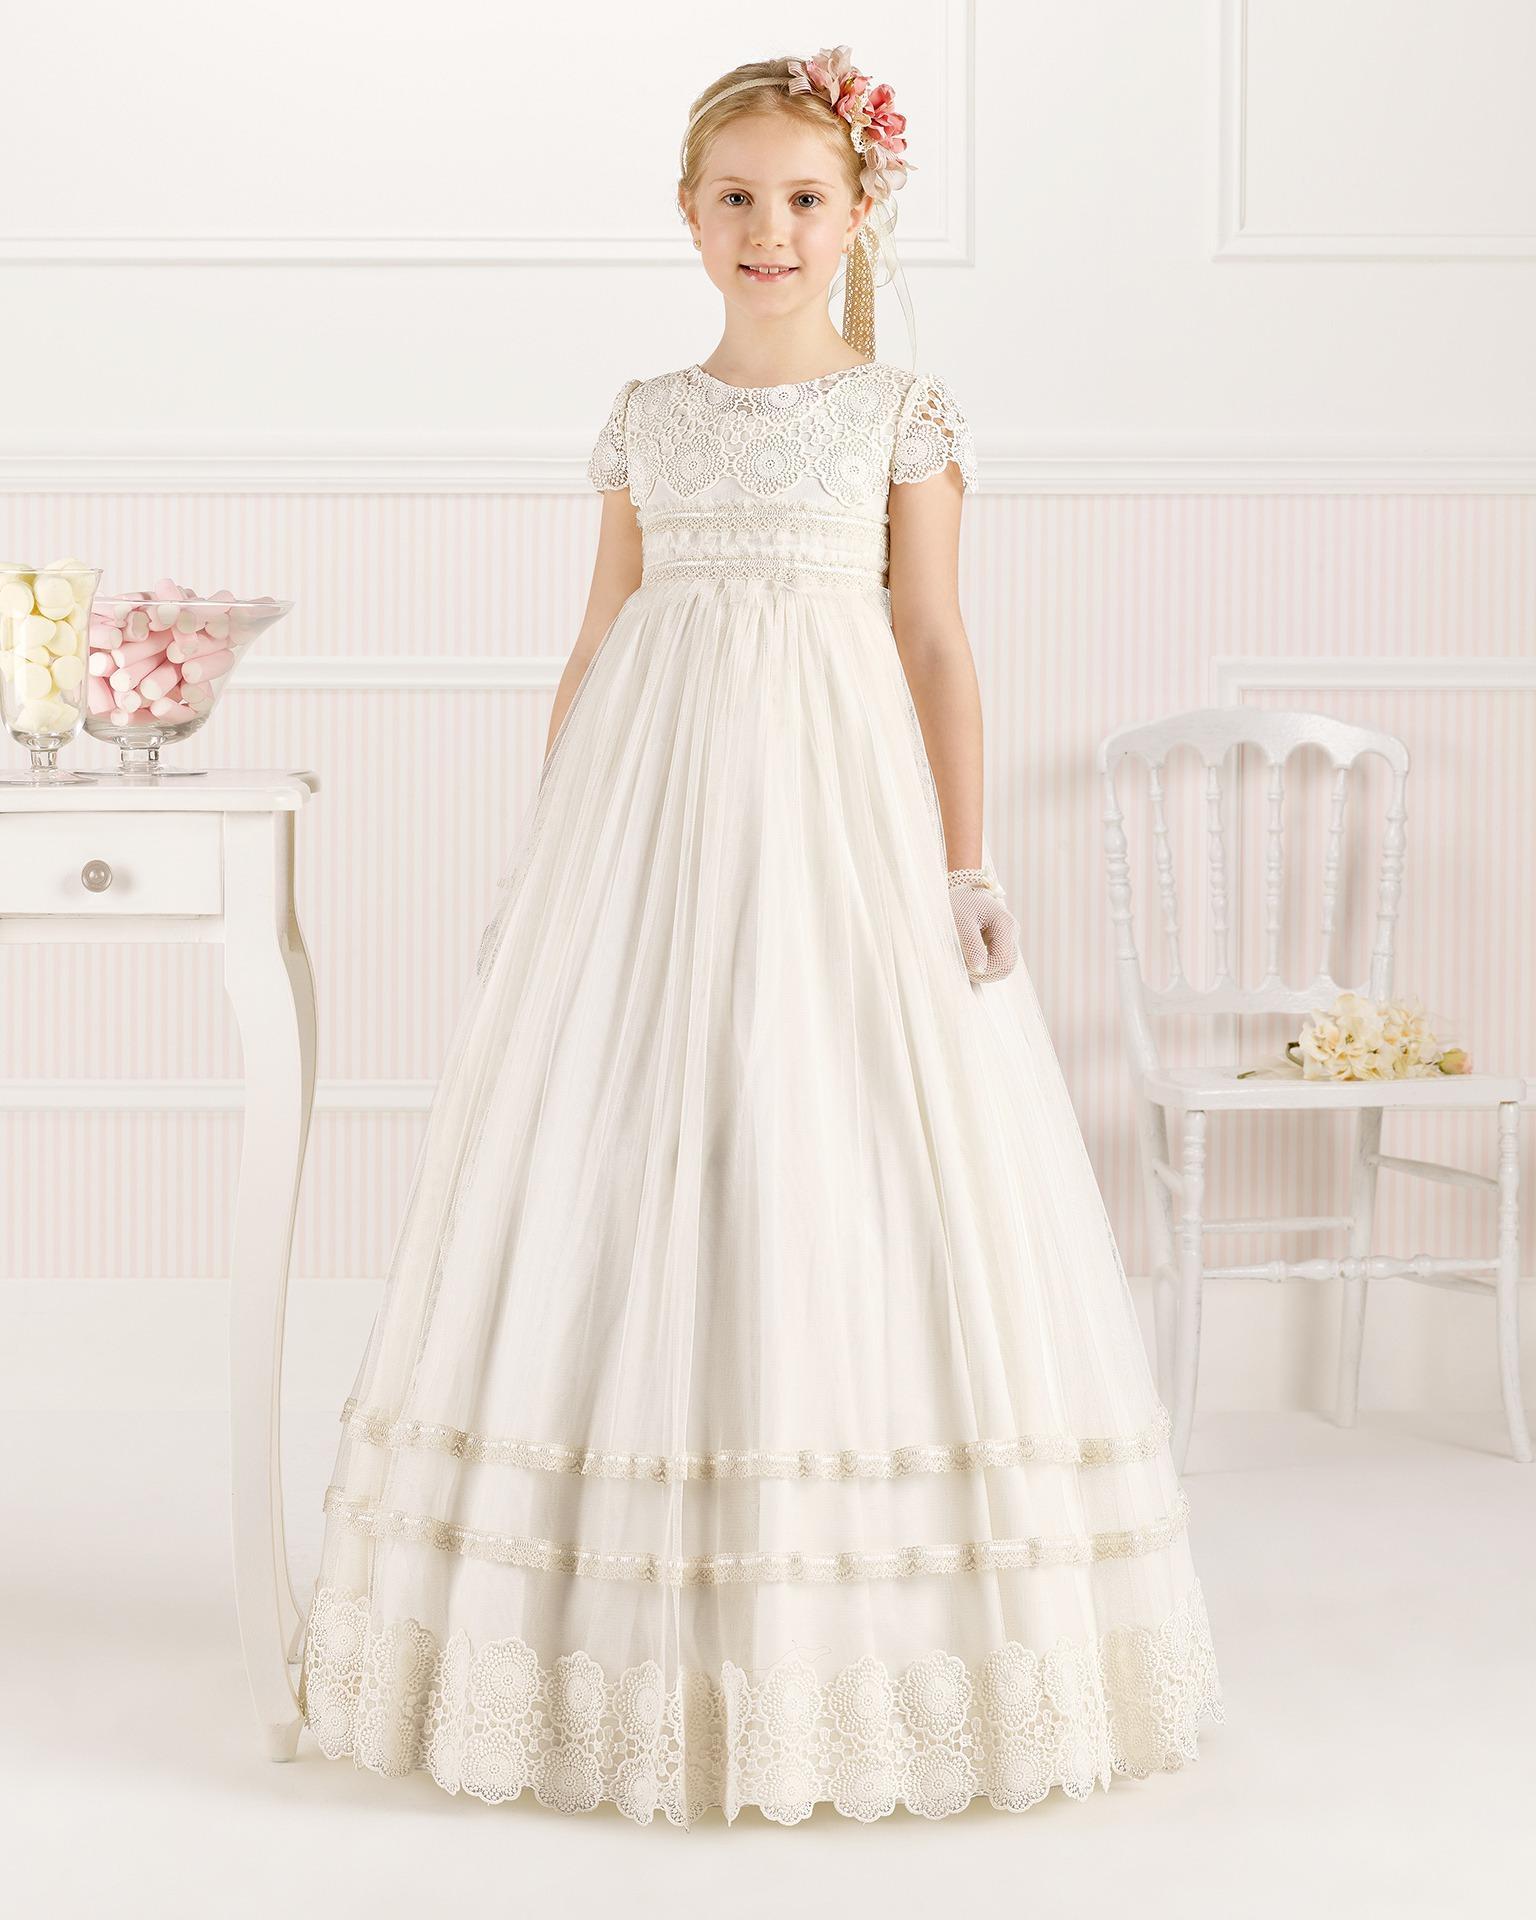 Flower girl dresses shop melbourne wedding dresses flower girl dresses shop melbourne 10 ombrellifo Images